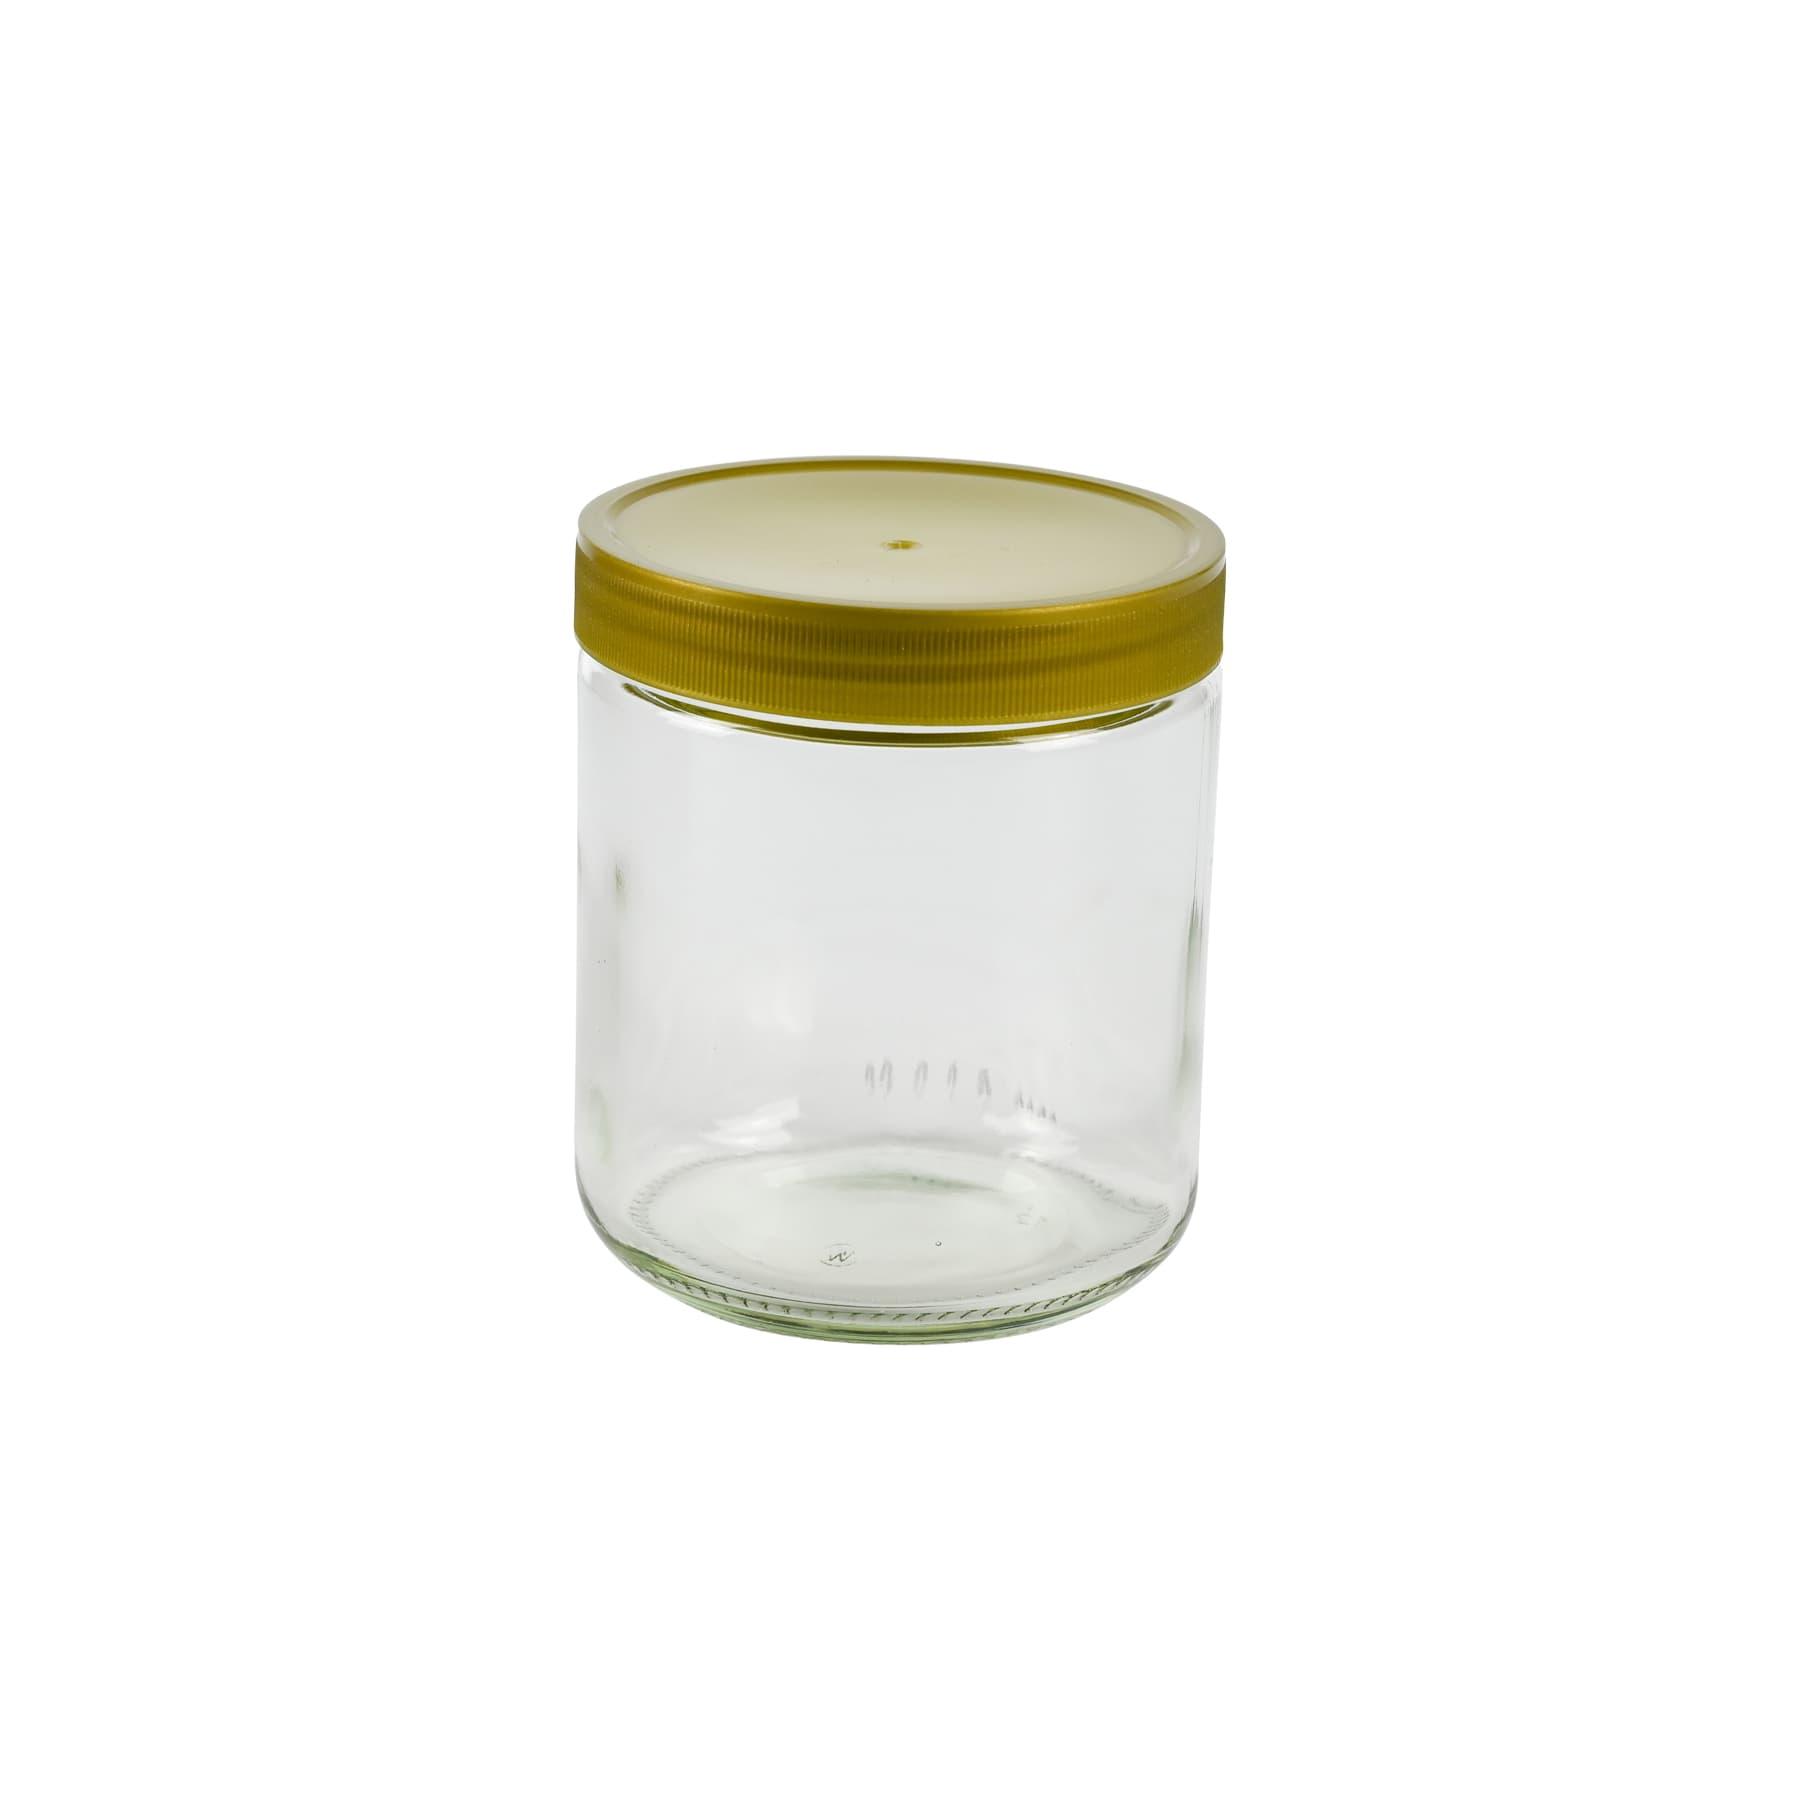 Rundglas 500 g mit 80 mm Schraub-Kunststoffdeckel in Karton, diesen Artikel bieten wir nur zur Selbstabholung an